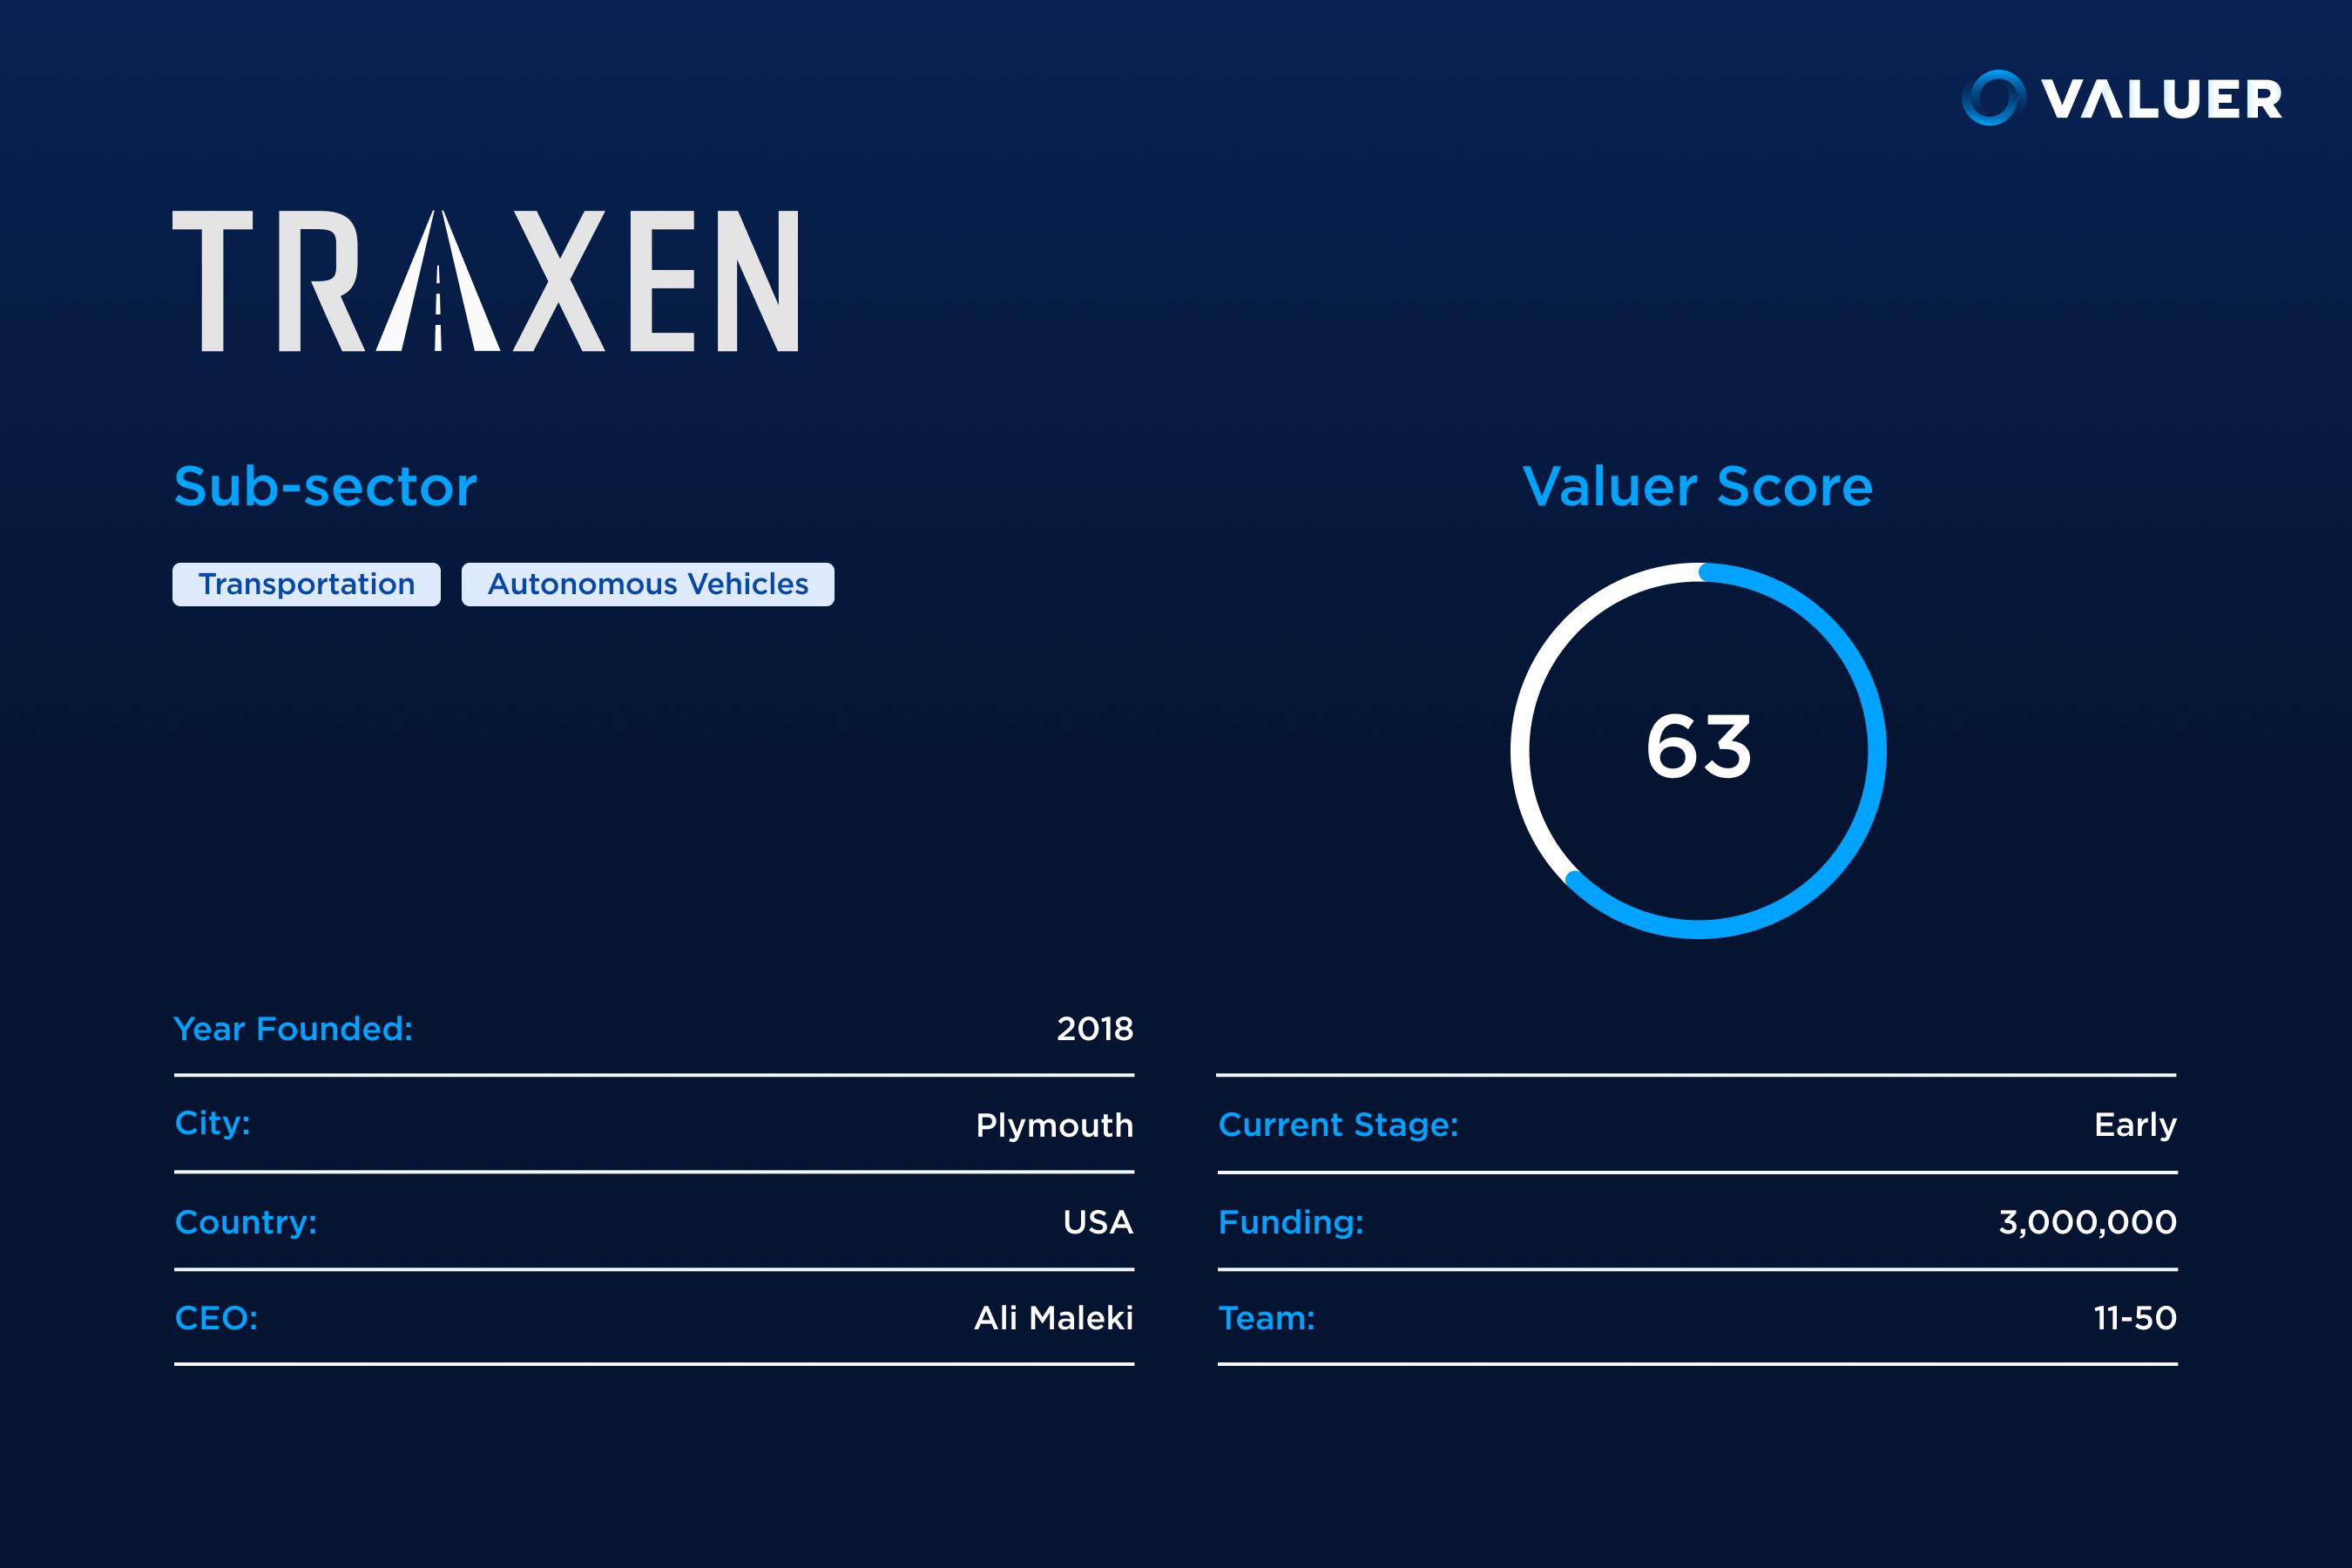 Traxen score